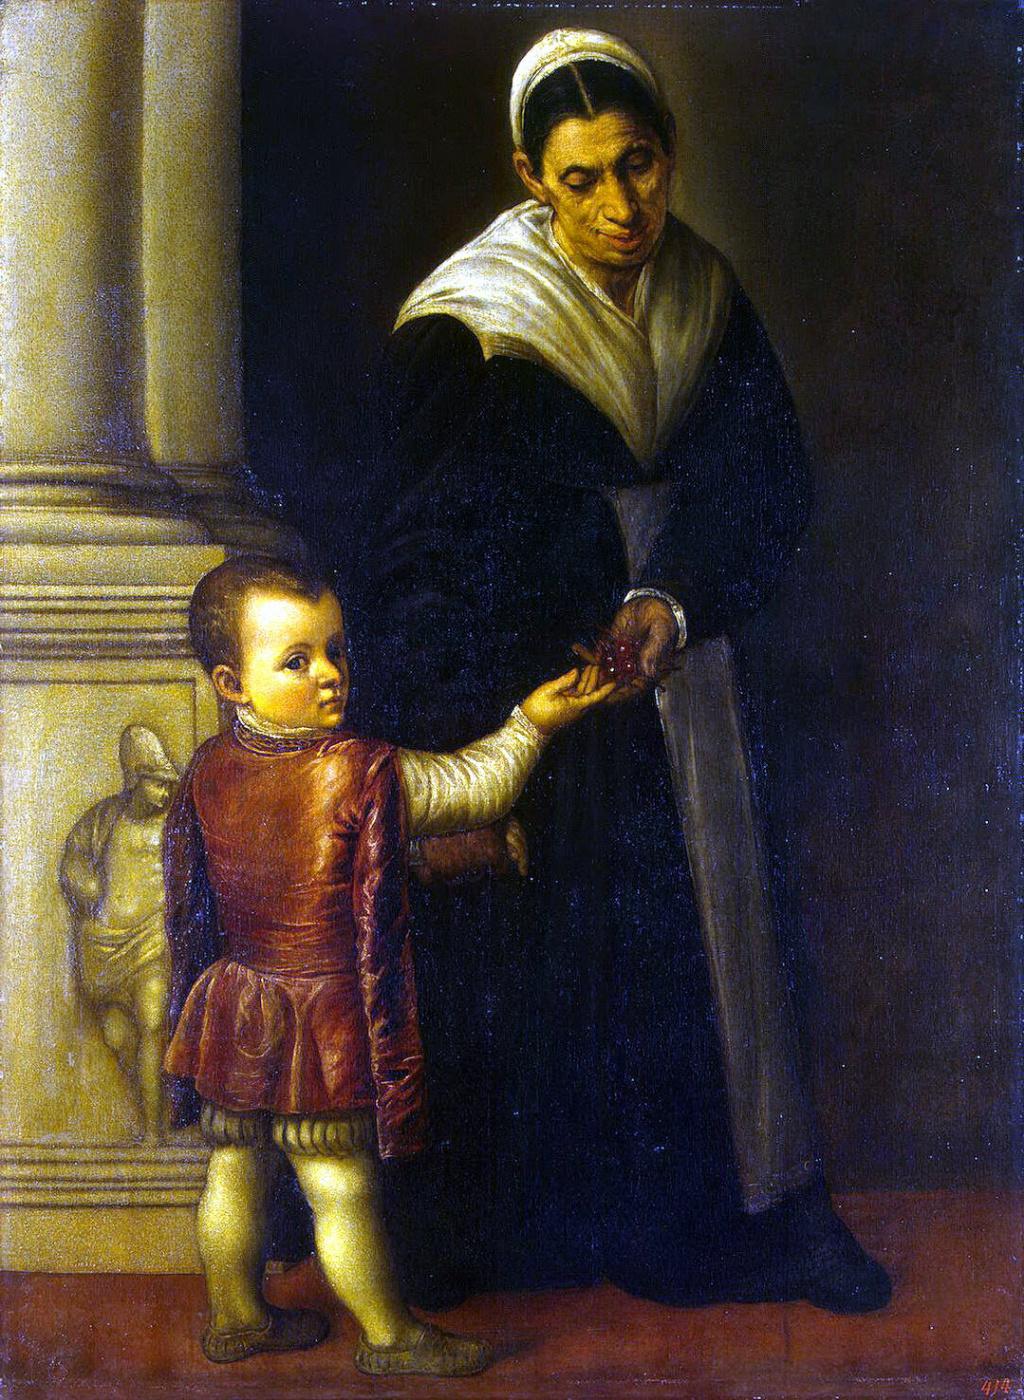 Moretto da Brescia. Portrait of a boy with a nanny